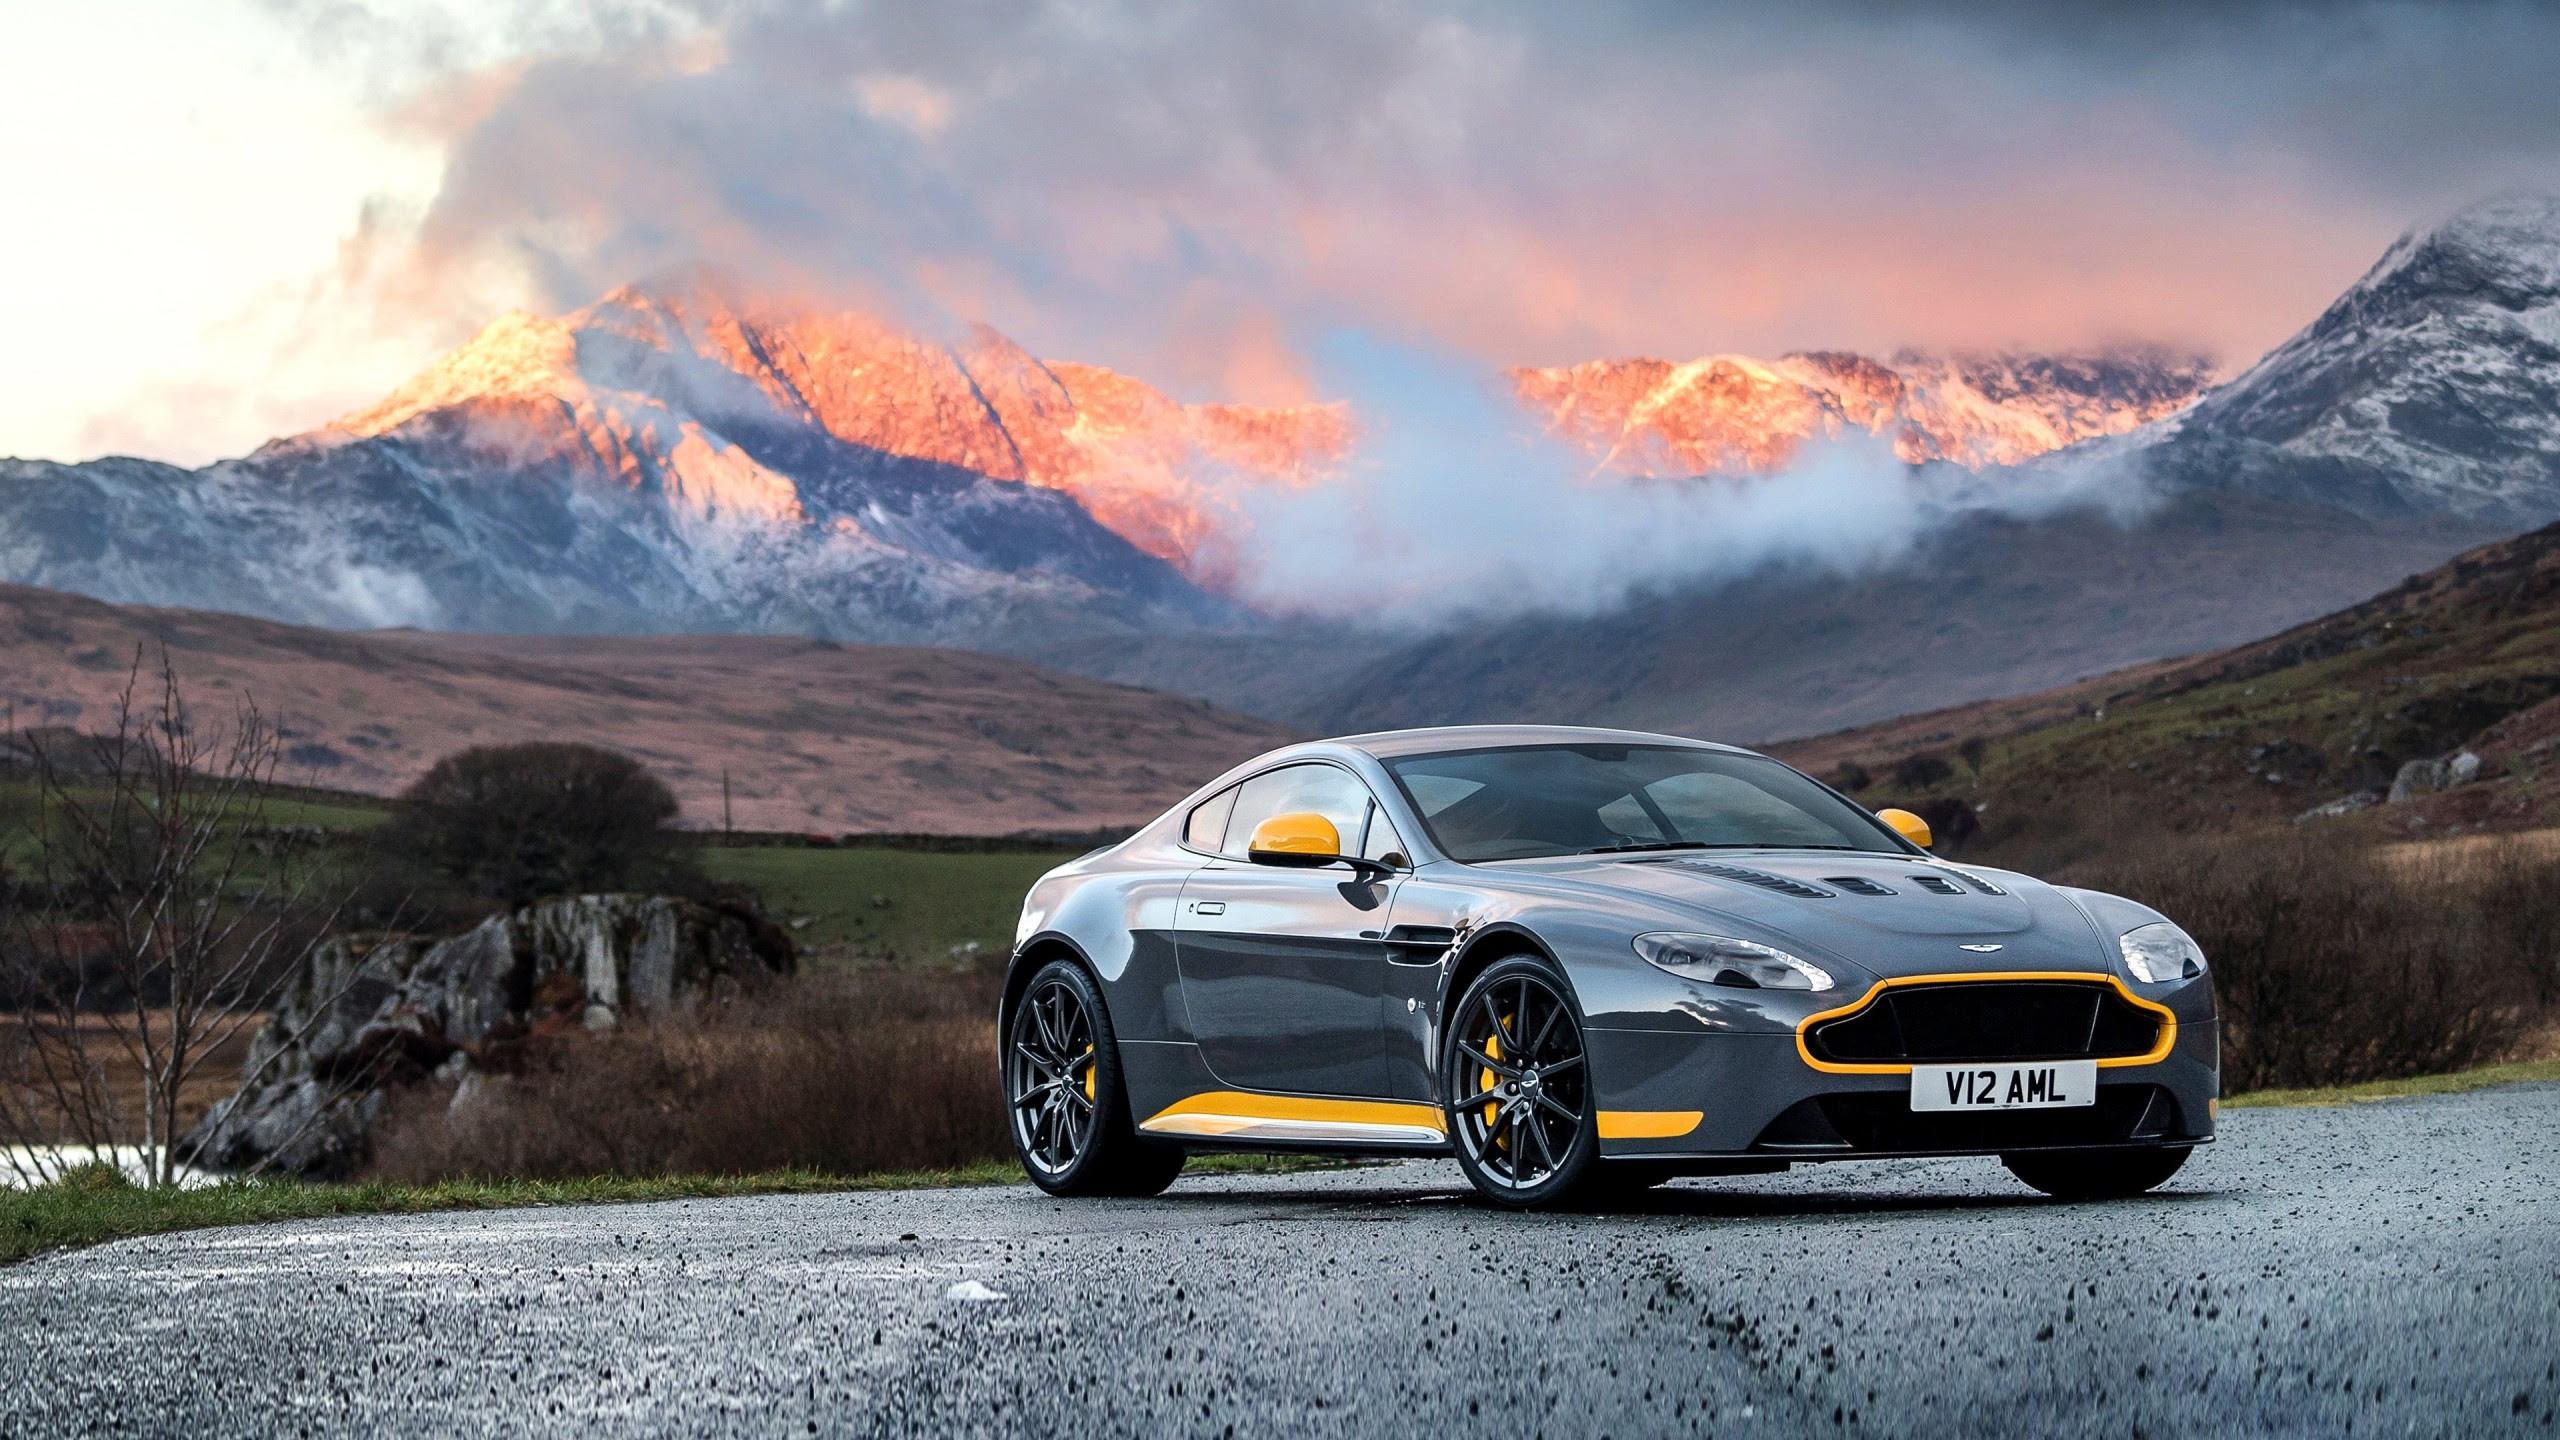 2017 Aston Martin Va